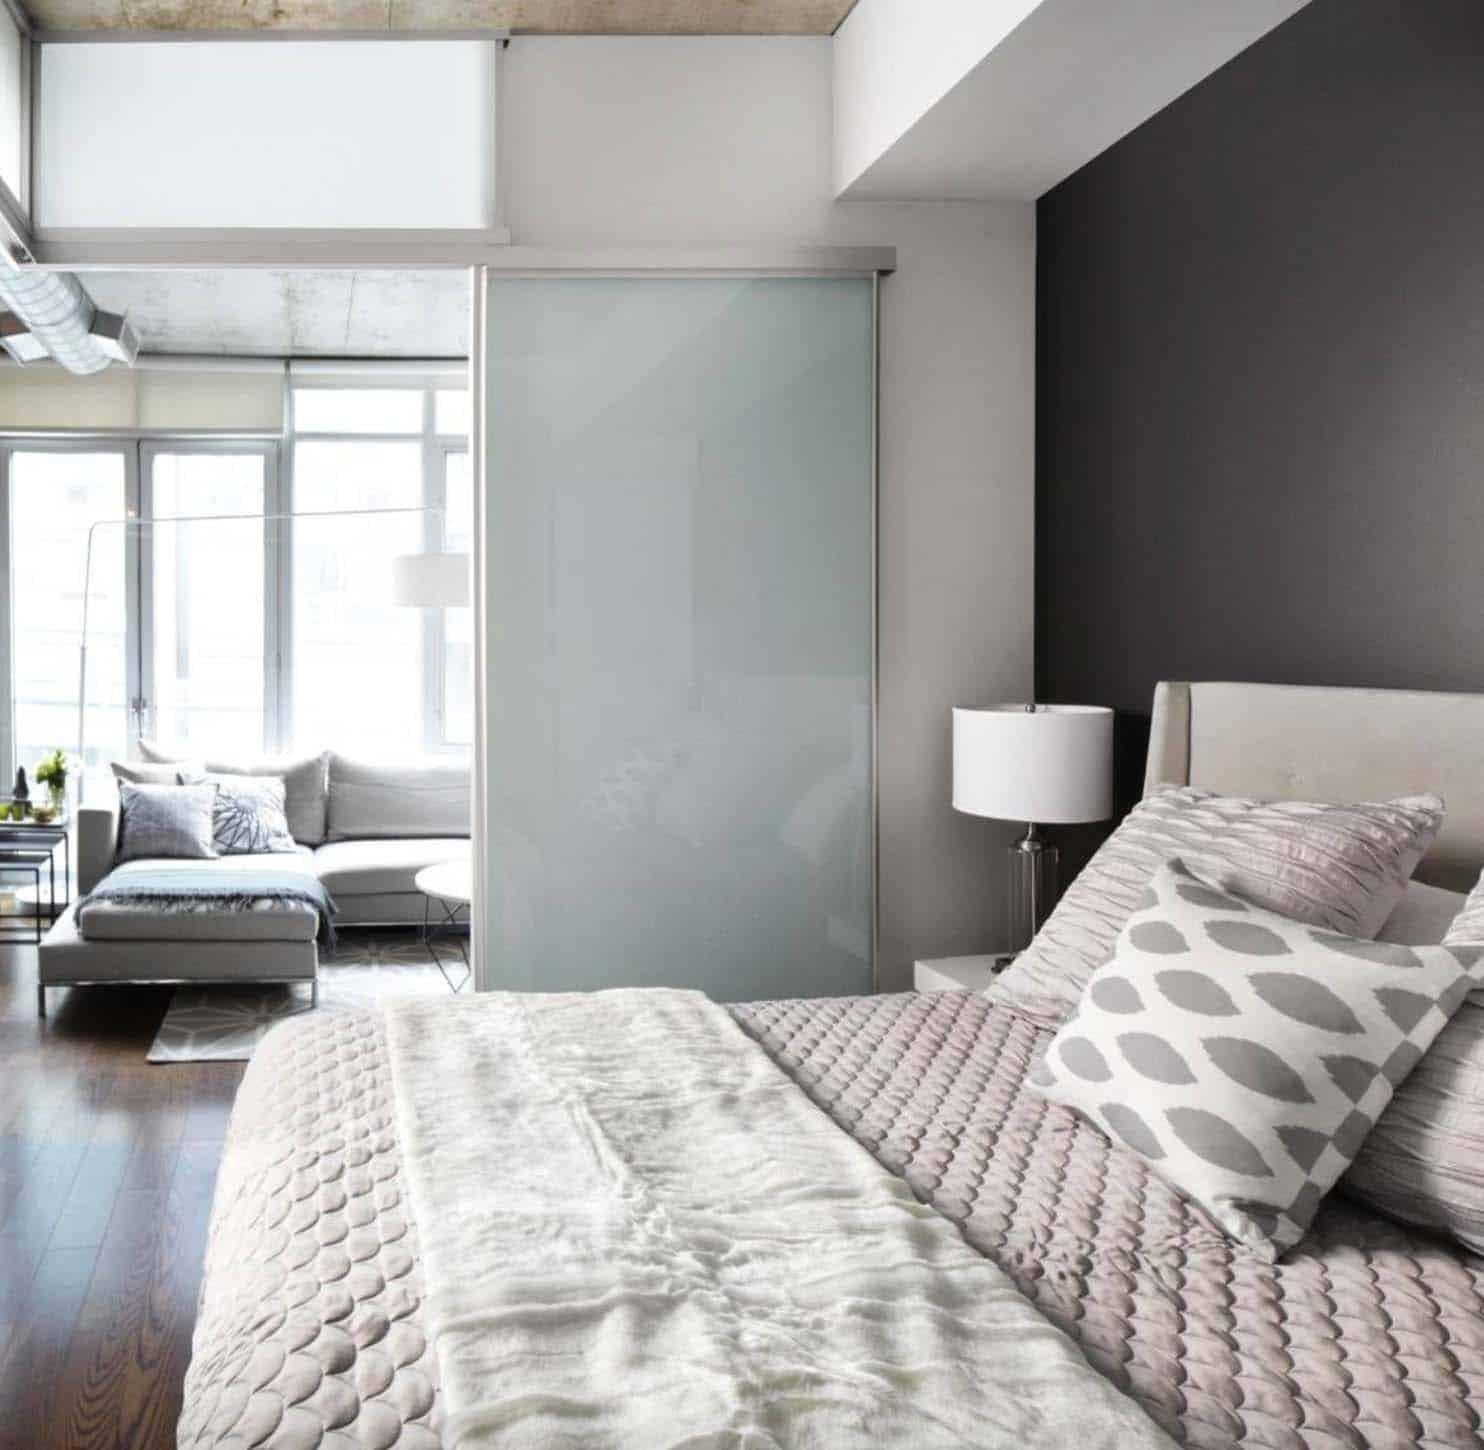 Suite Condo Contemporaine-LUX Design-05-1 Kindesign